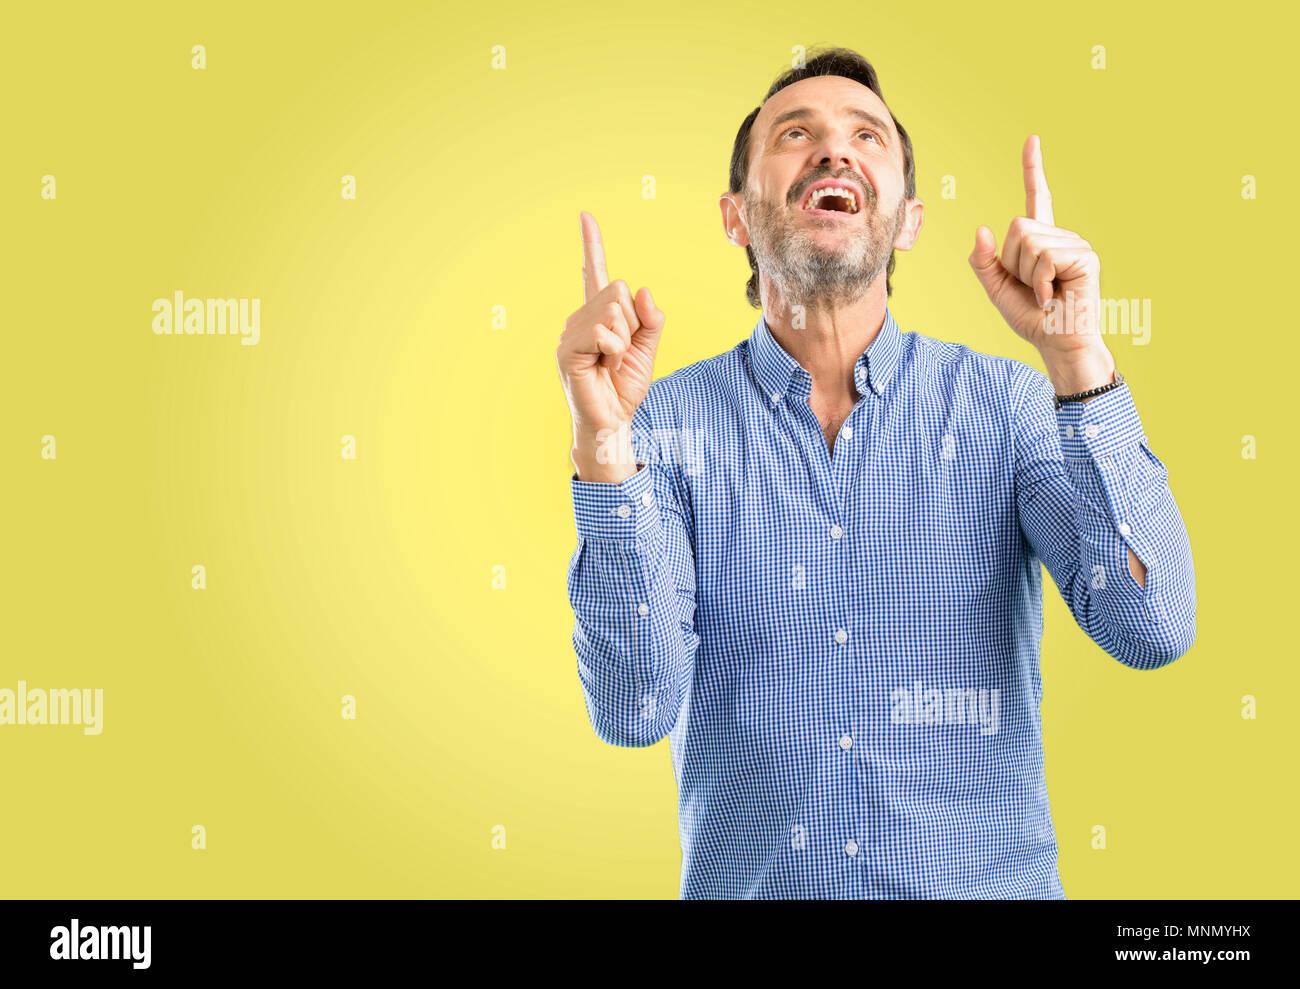 Beau moyen age homme heureux et surpris cheering pointant vers le haut Photo Stock